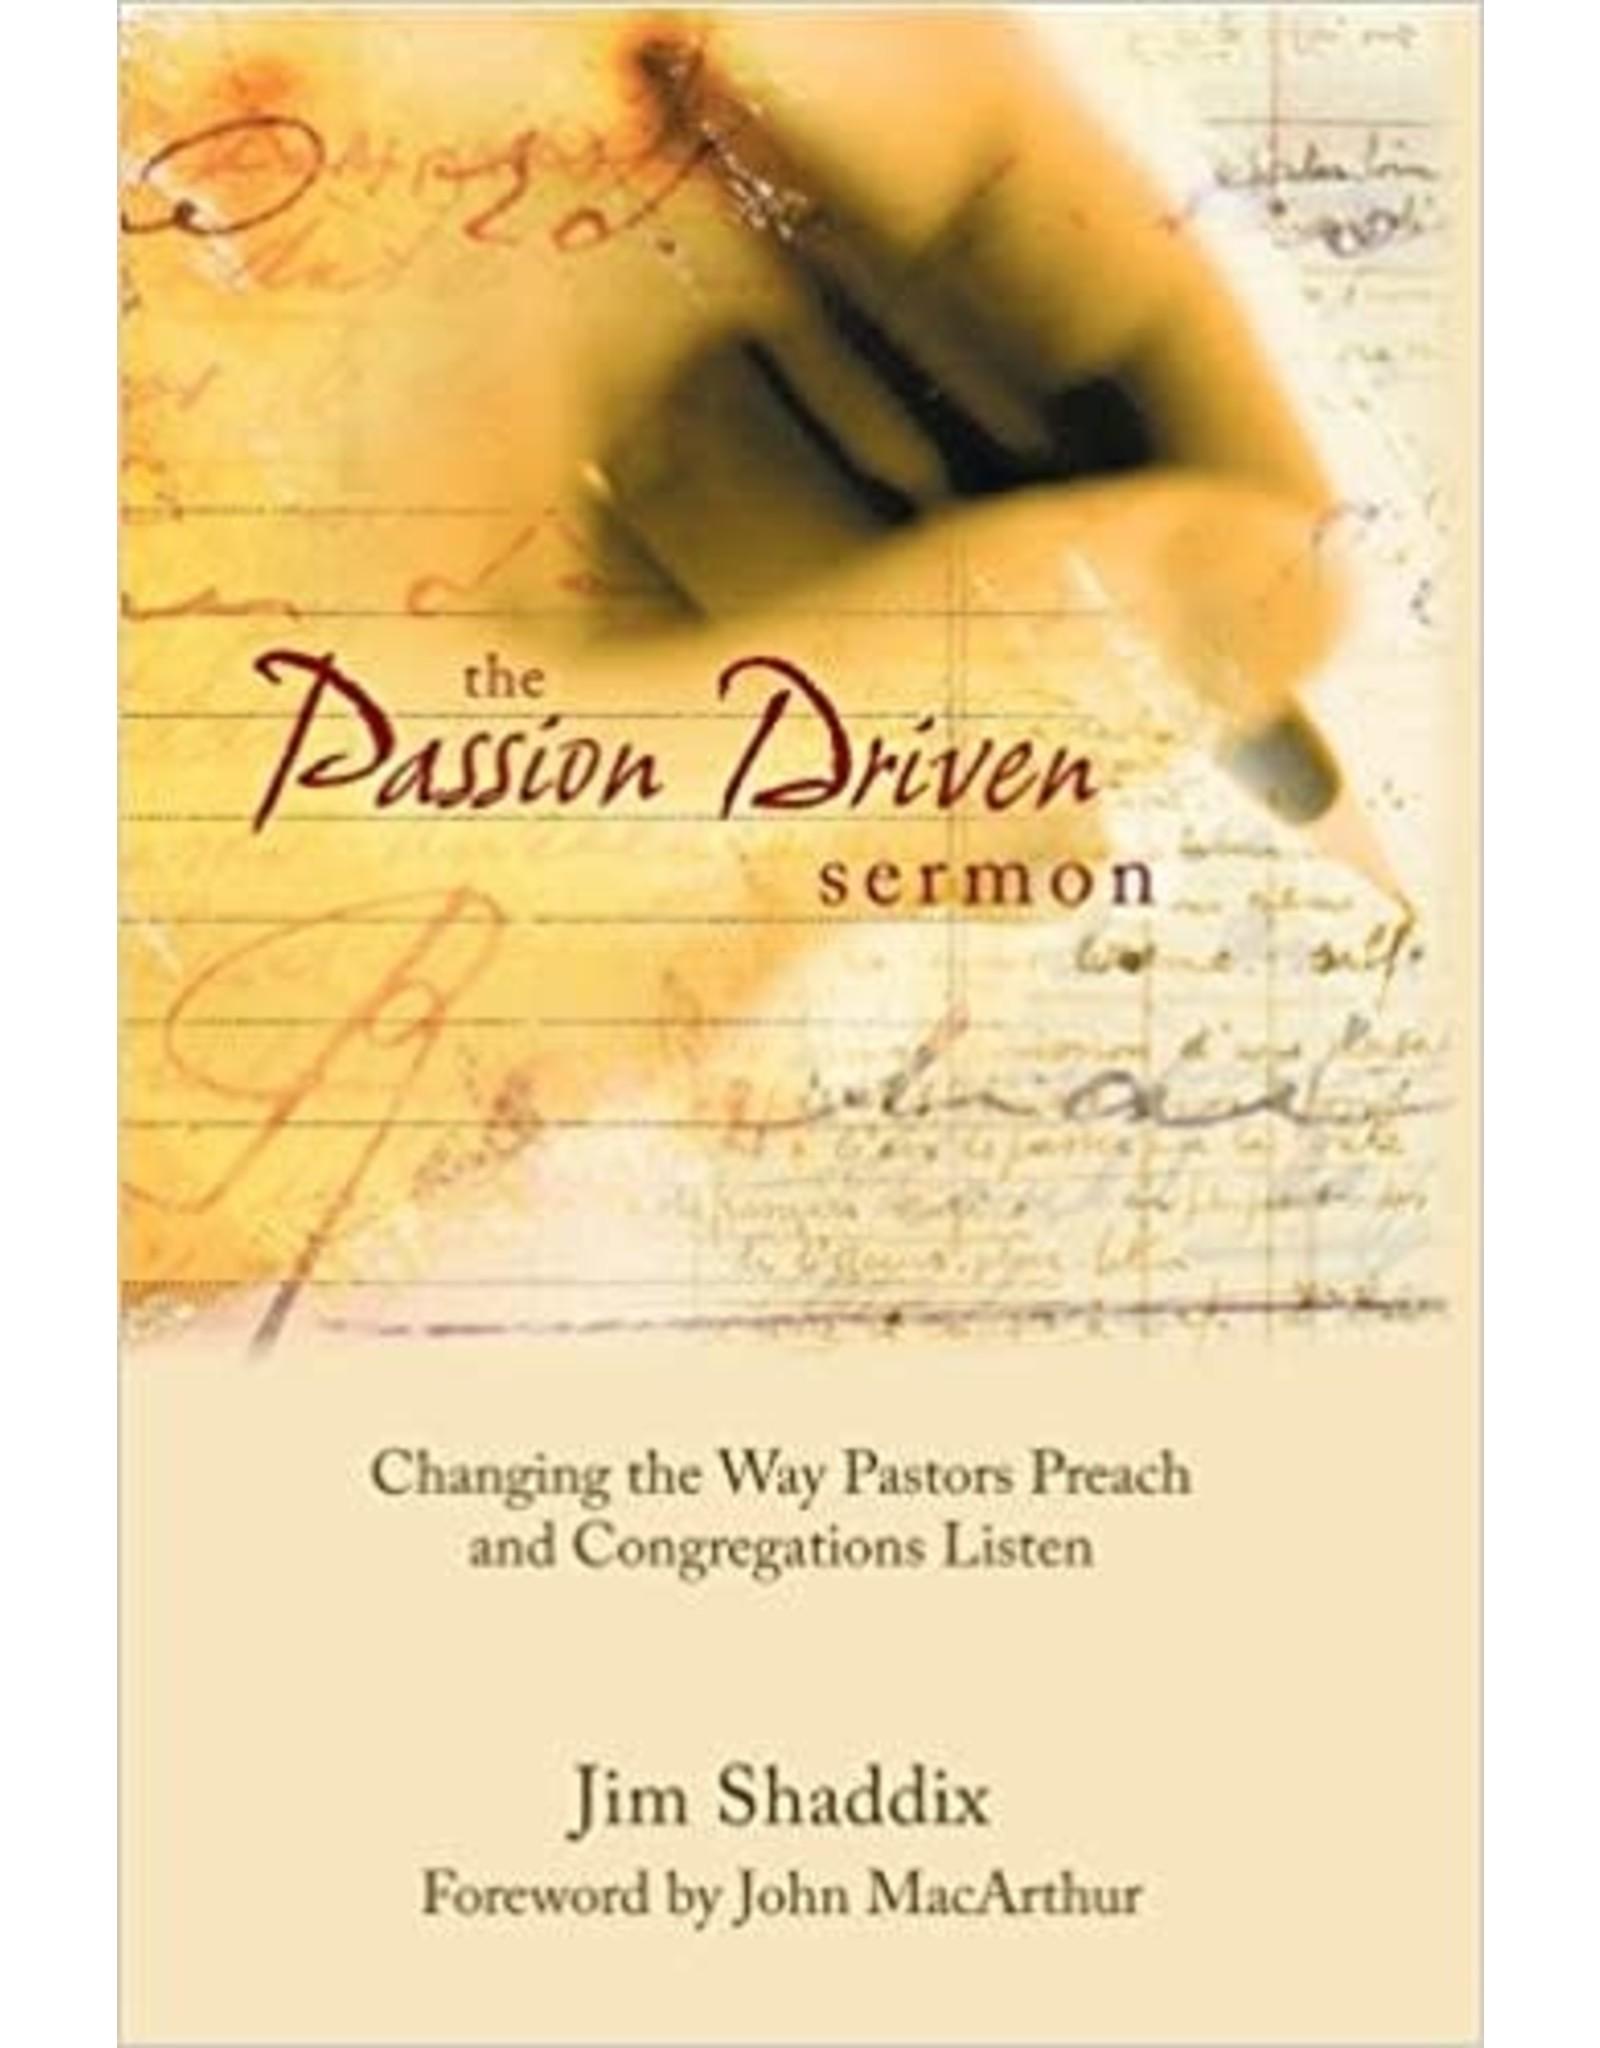 Shaddix The Passion Driven Sermon